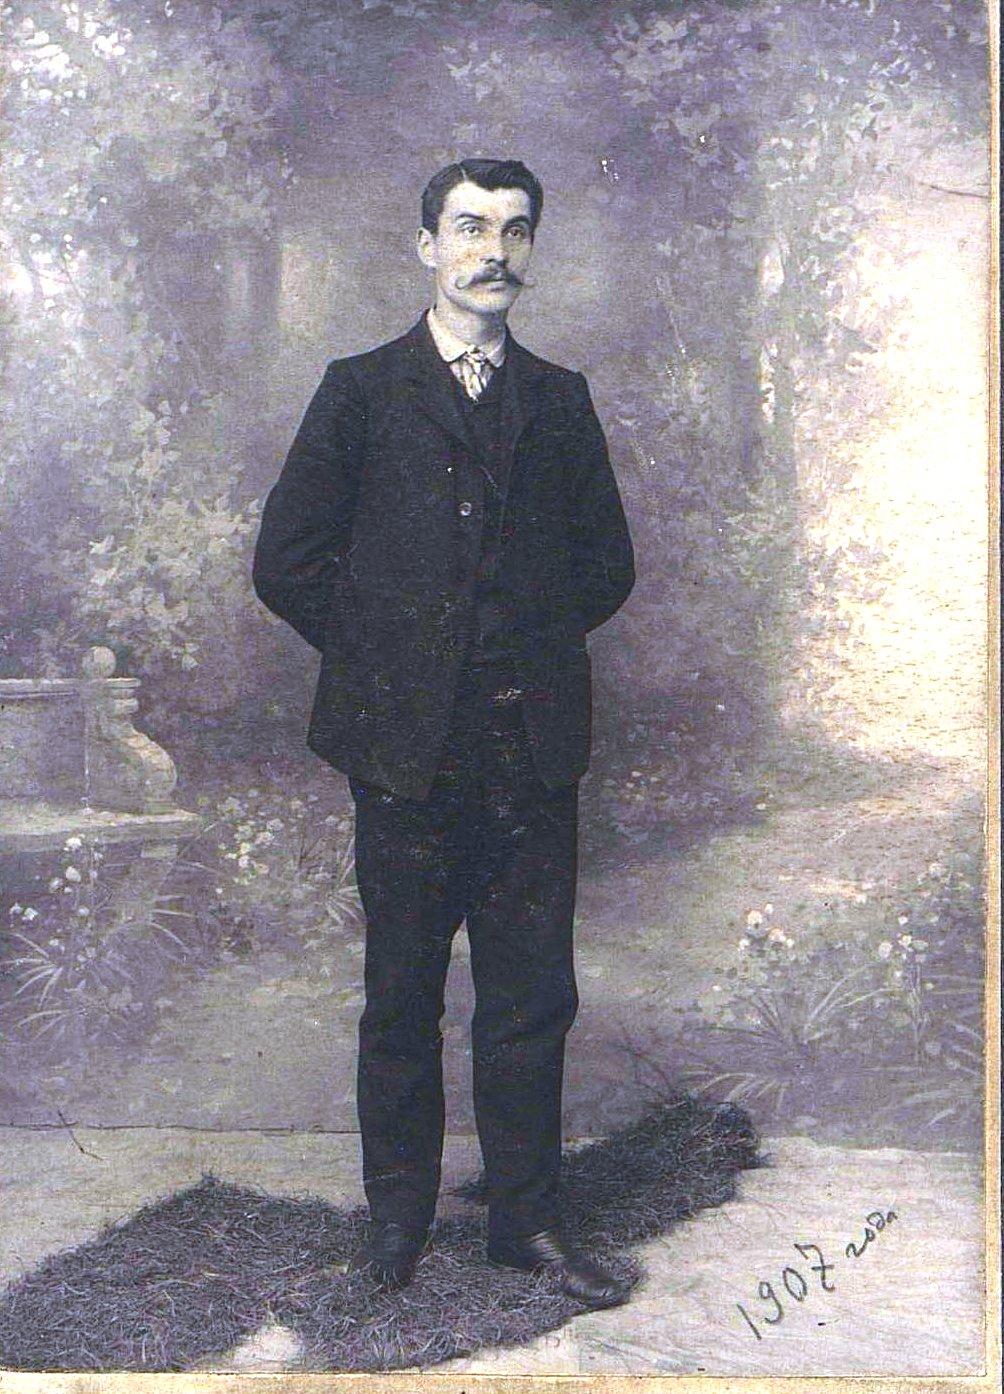 Кравец Александр Петрович, литографский мастер типографии Е.А. Пановой «Дальний Восток». 1907